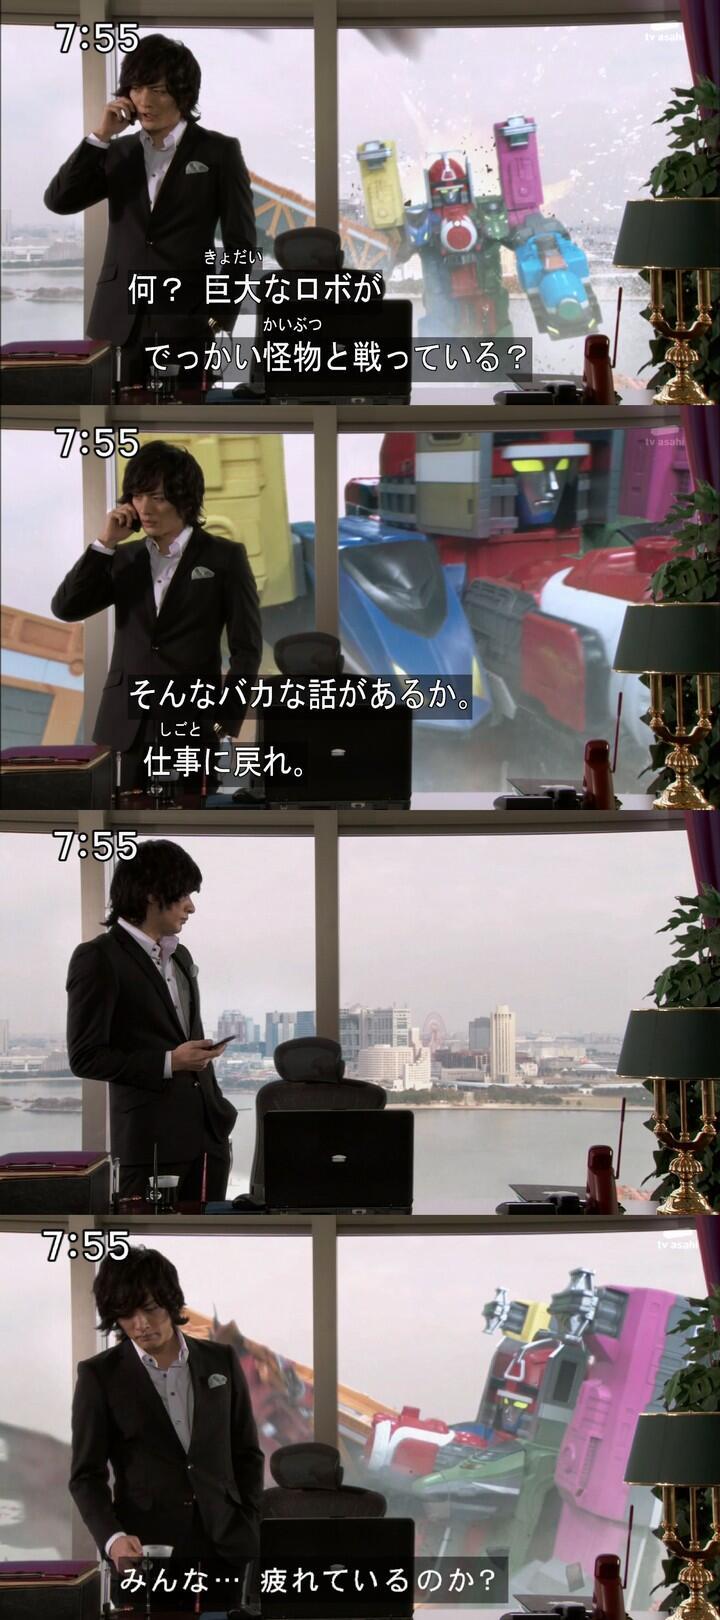 http://livedoor.blogimg.jp/akan2ch/imgs/0/2/0251f092.jpg